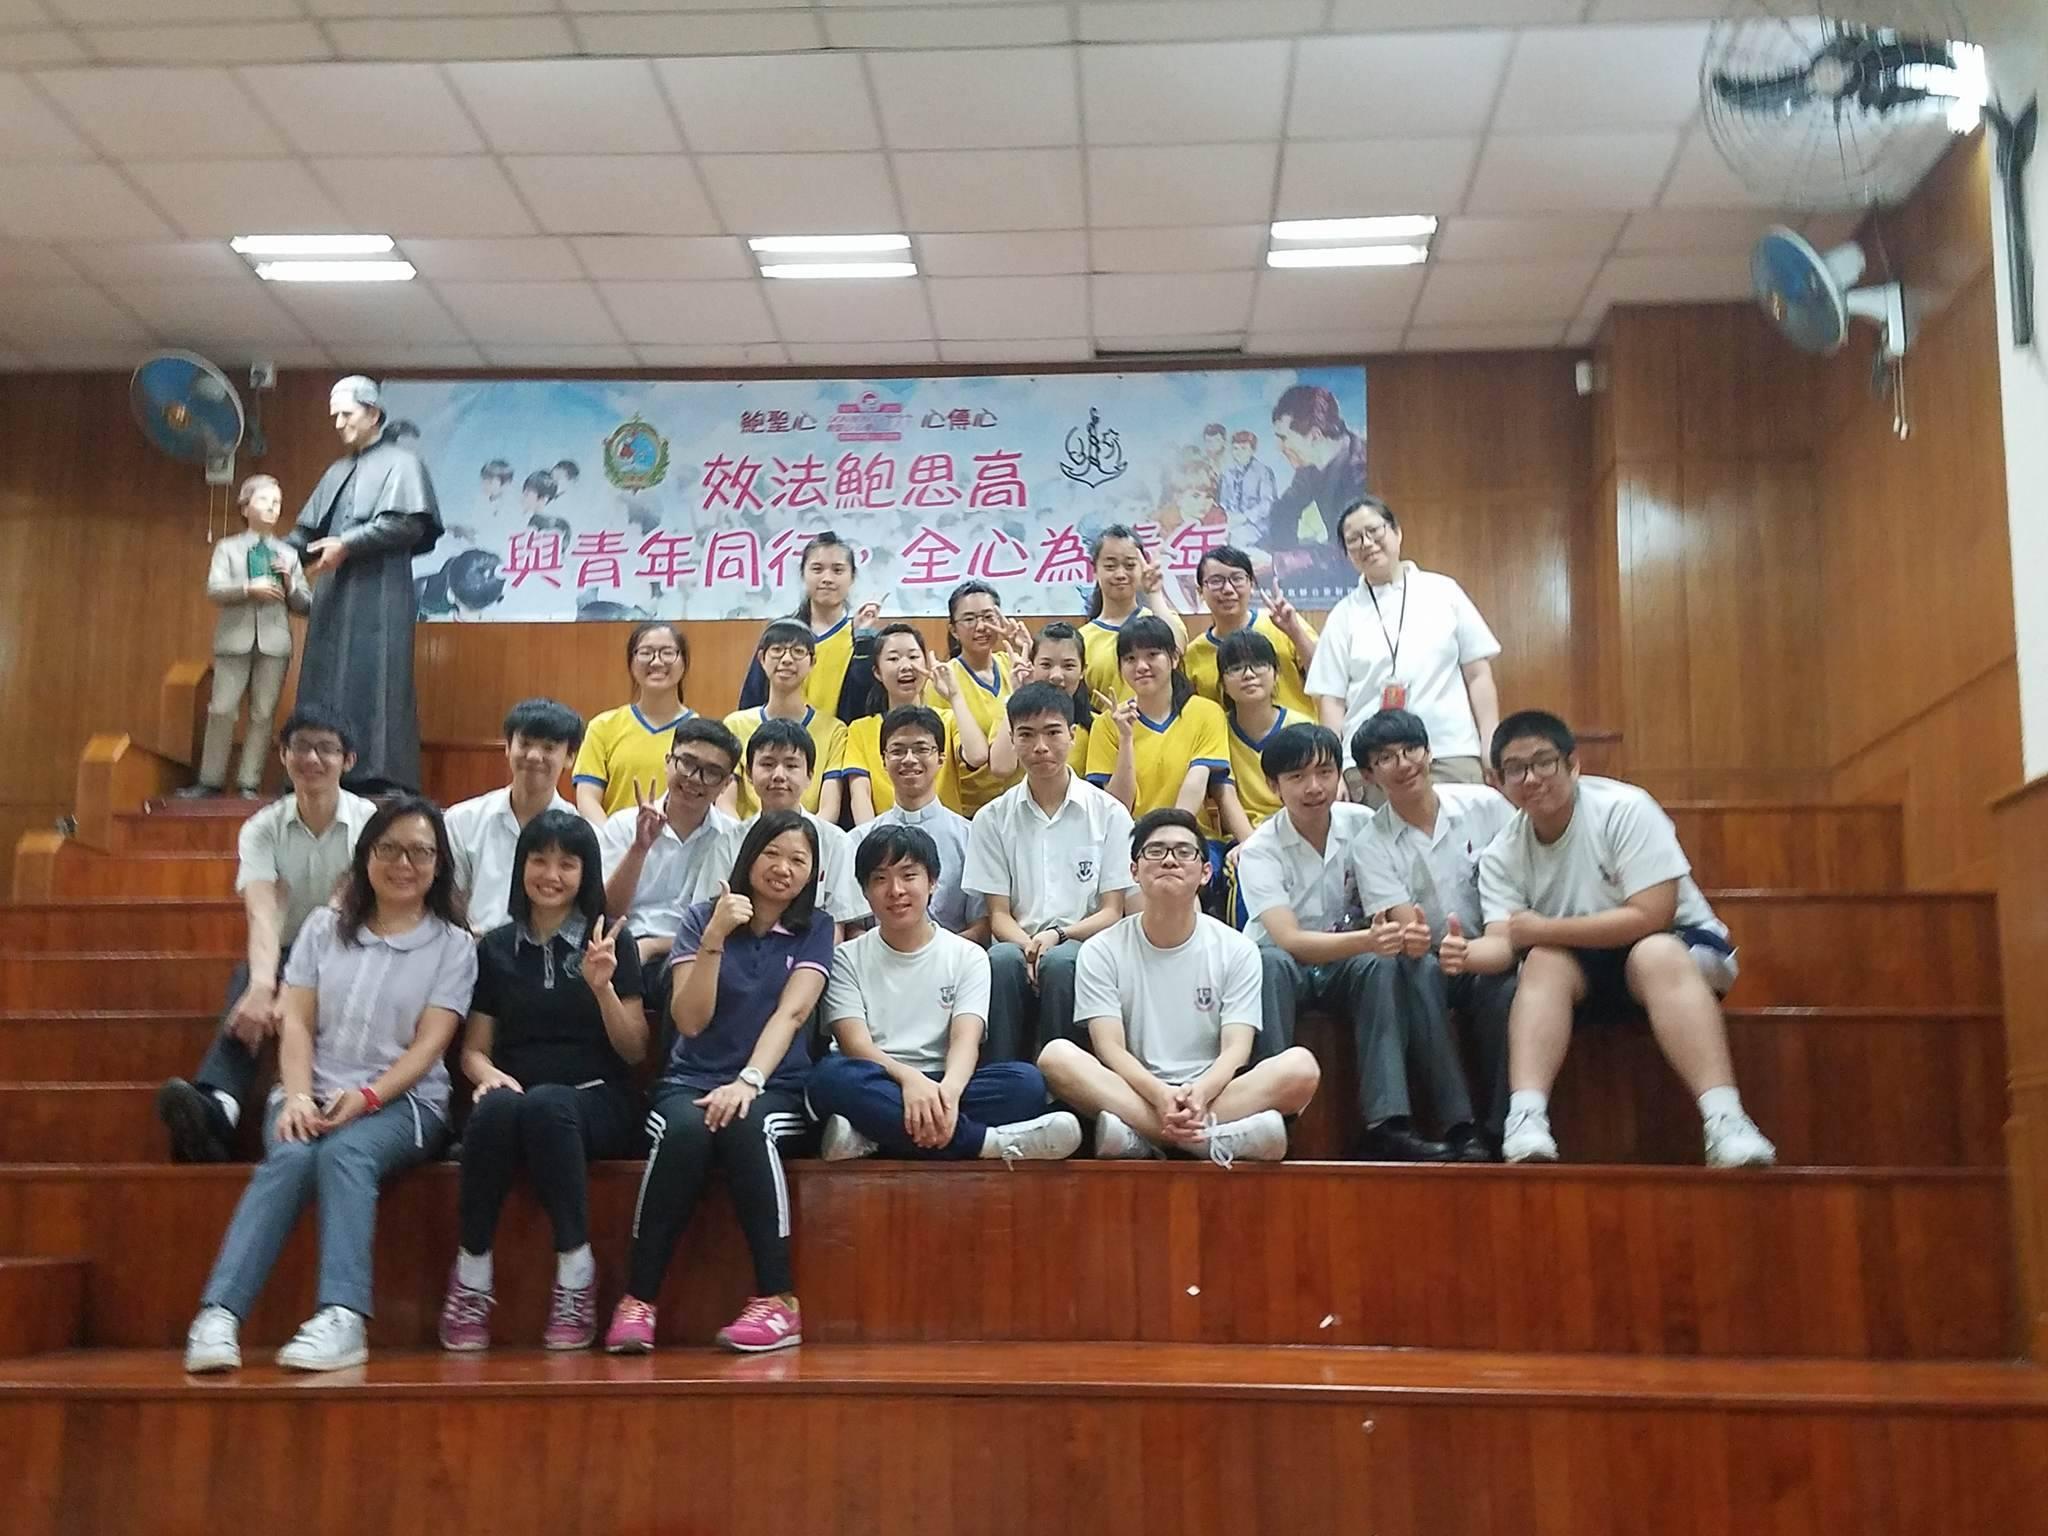 2016~2017 慈幼中學及化地瑪聖母女子學校善會交流日